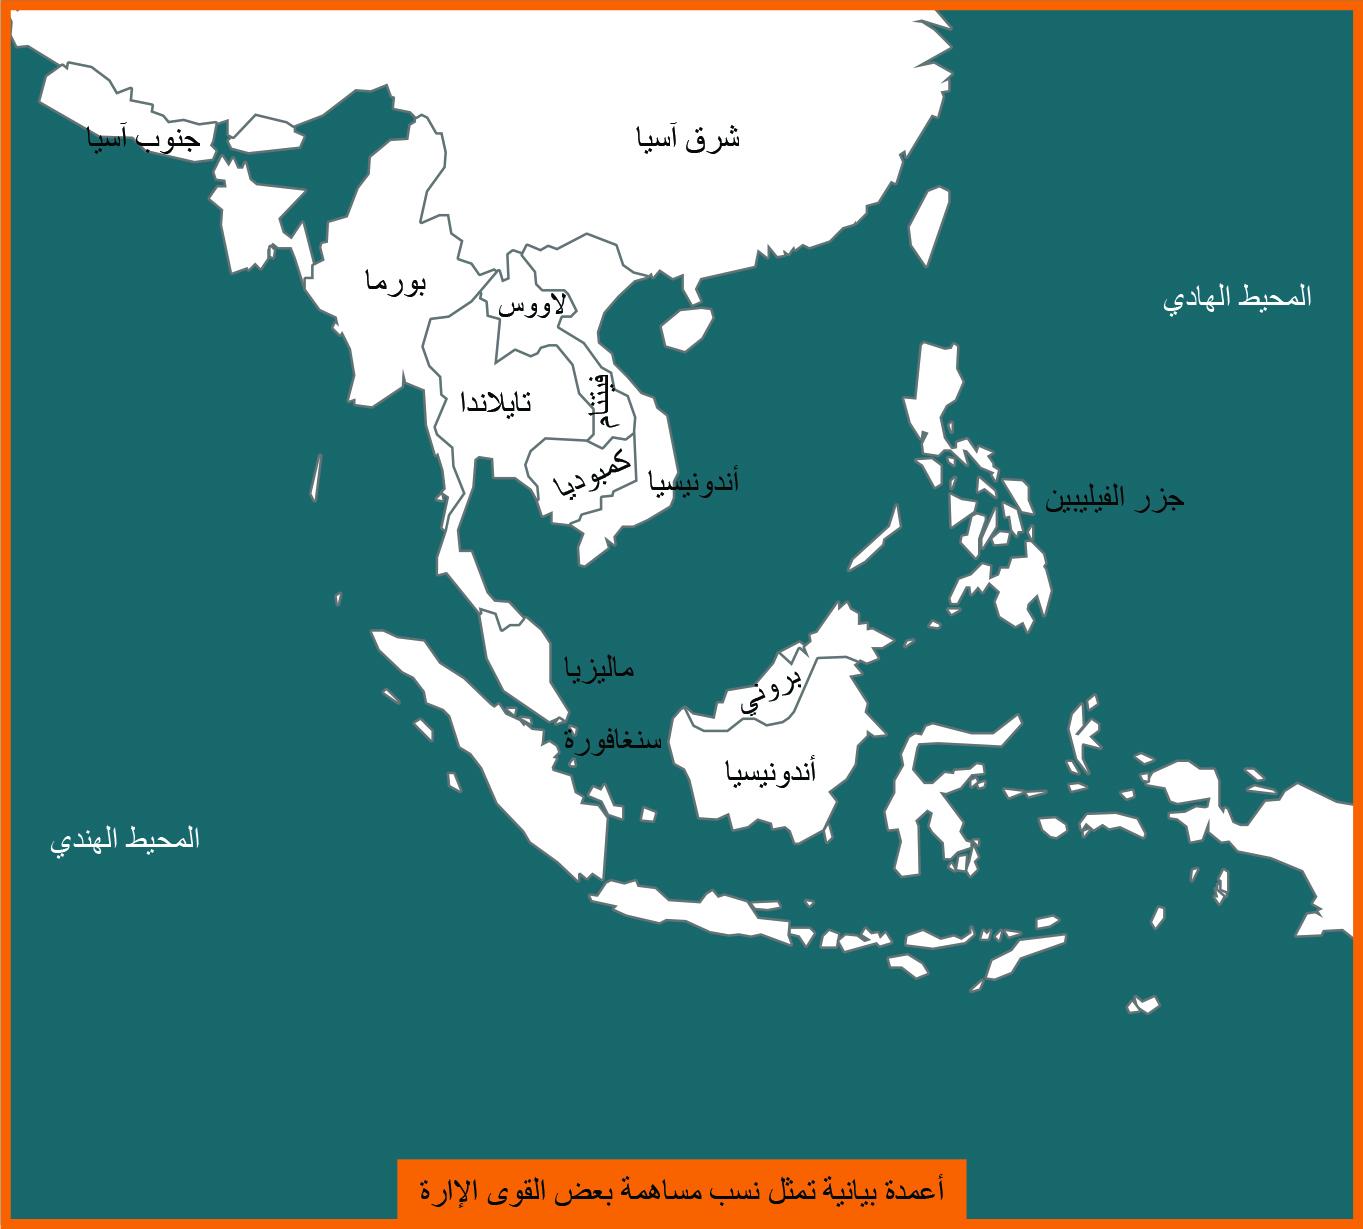 القوى الاقتصادية الكبرى في العالم العلاقة بين السكان والتنمية في شرق وجنوب شرق آسيا Imadrassa